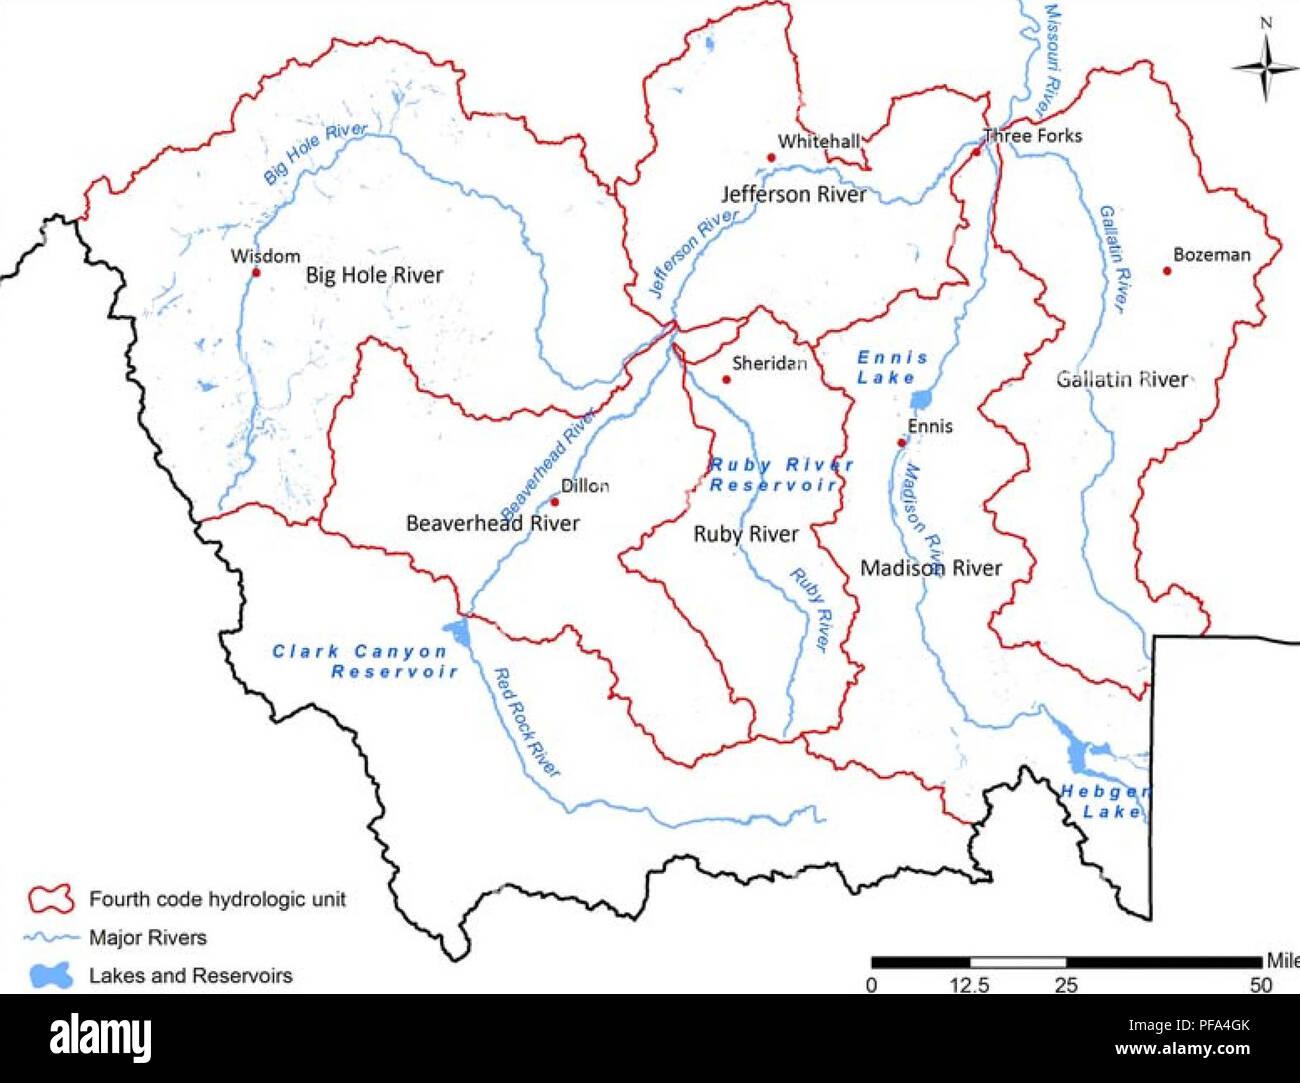 Southwest Montana wetland assessment : developing a